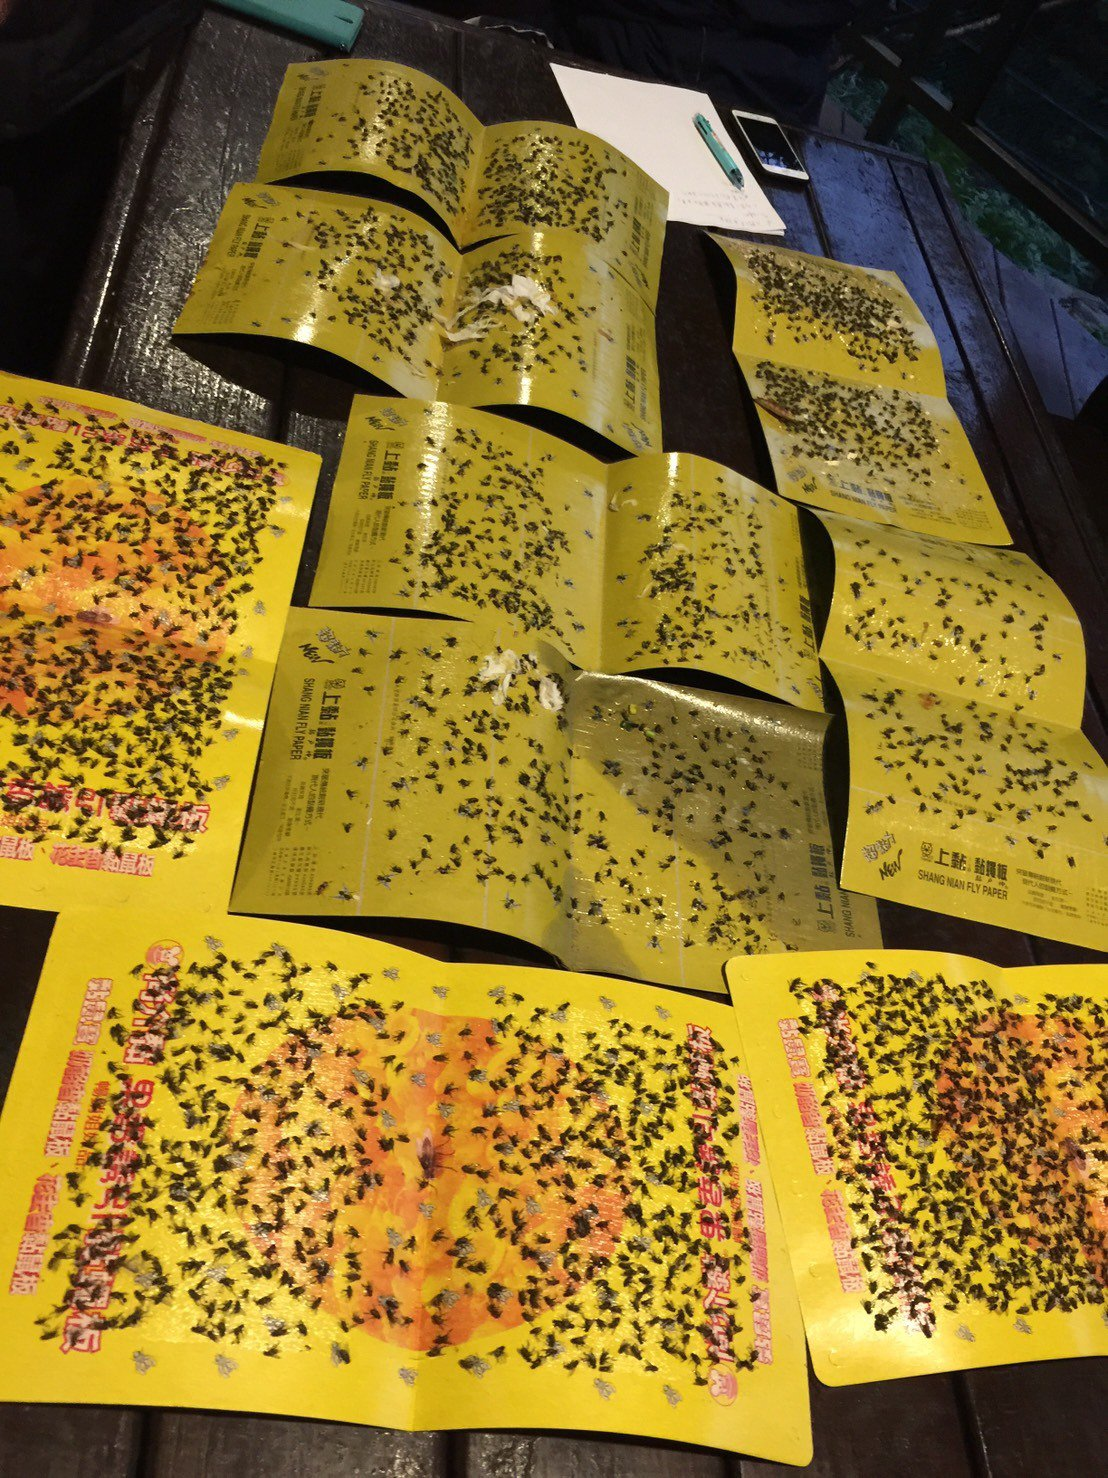 苗栗縣南庄鄉餐廳業者攤開黏蒼蠅紙,黑壓壓一片死蒼蠅,也透露無奈。圖/讀者提供